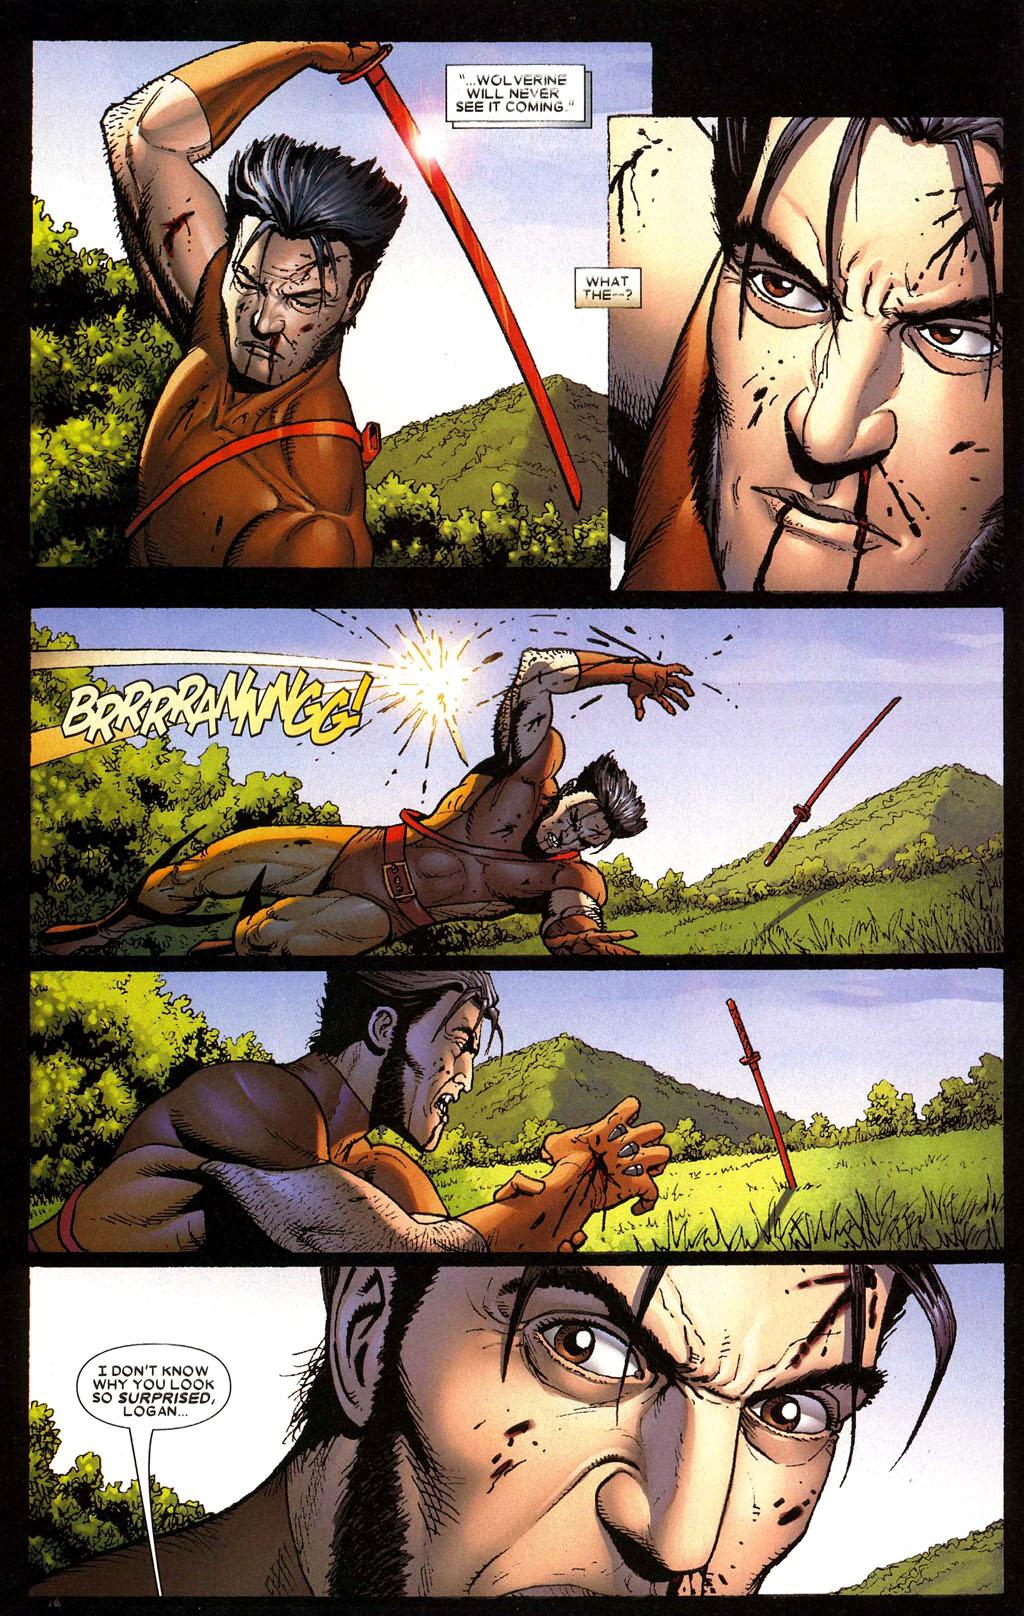 Read online Wolverine: Origins comic -  Issue #3 - 23